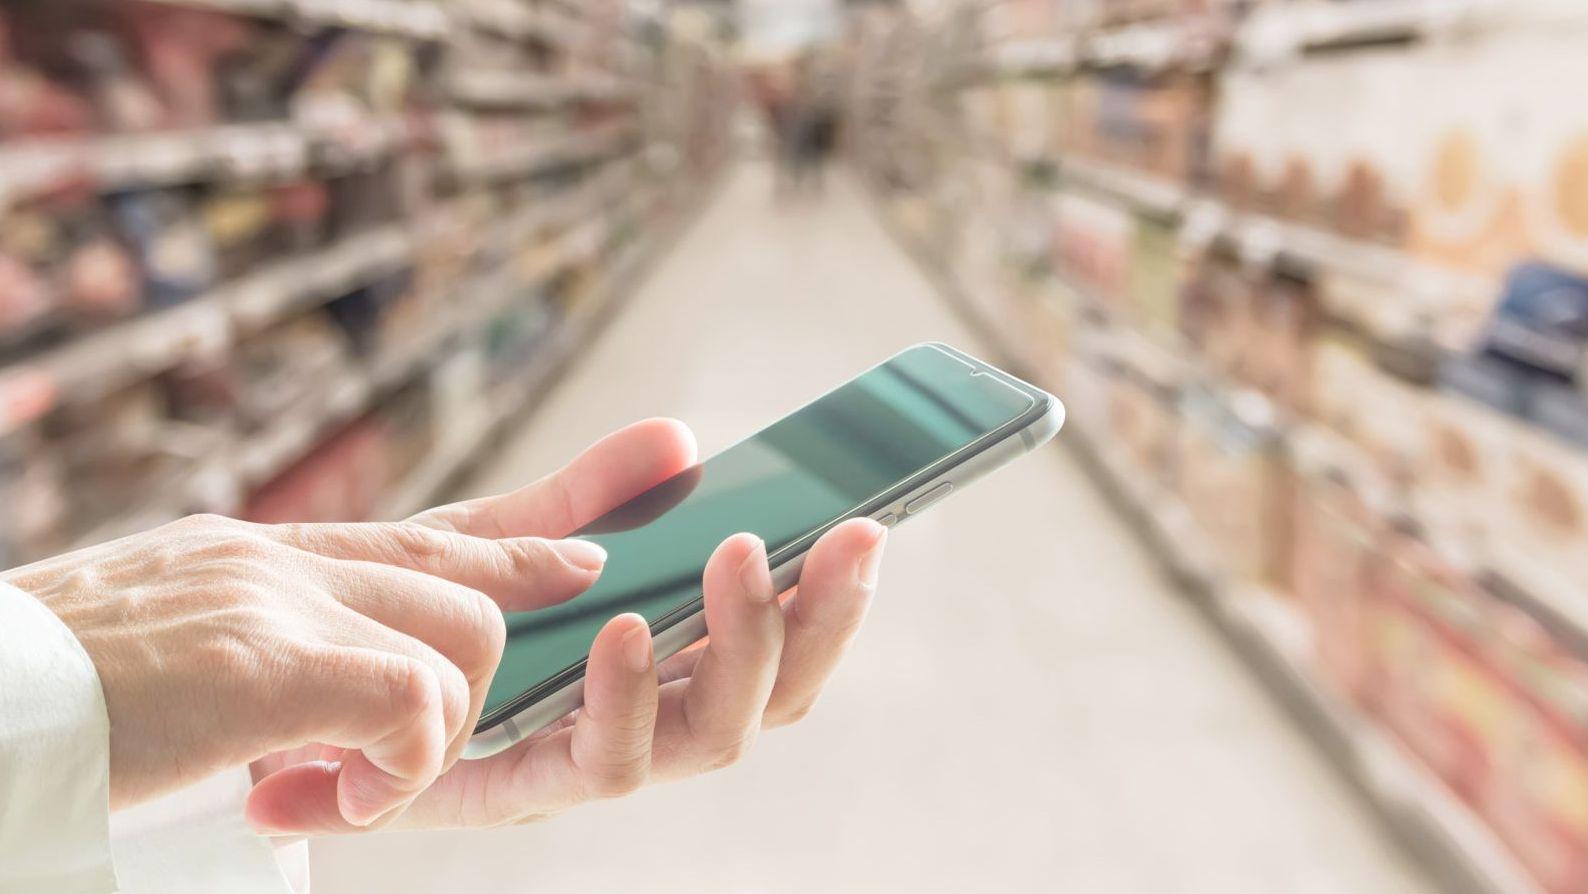 Alles, sogar Tiernahrung: Deutsche Verbraucher kaufen immer mehr im Netz - und beflügeln den Onlinehandel